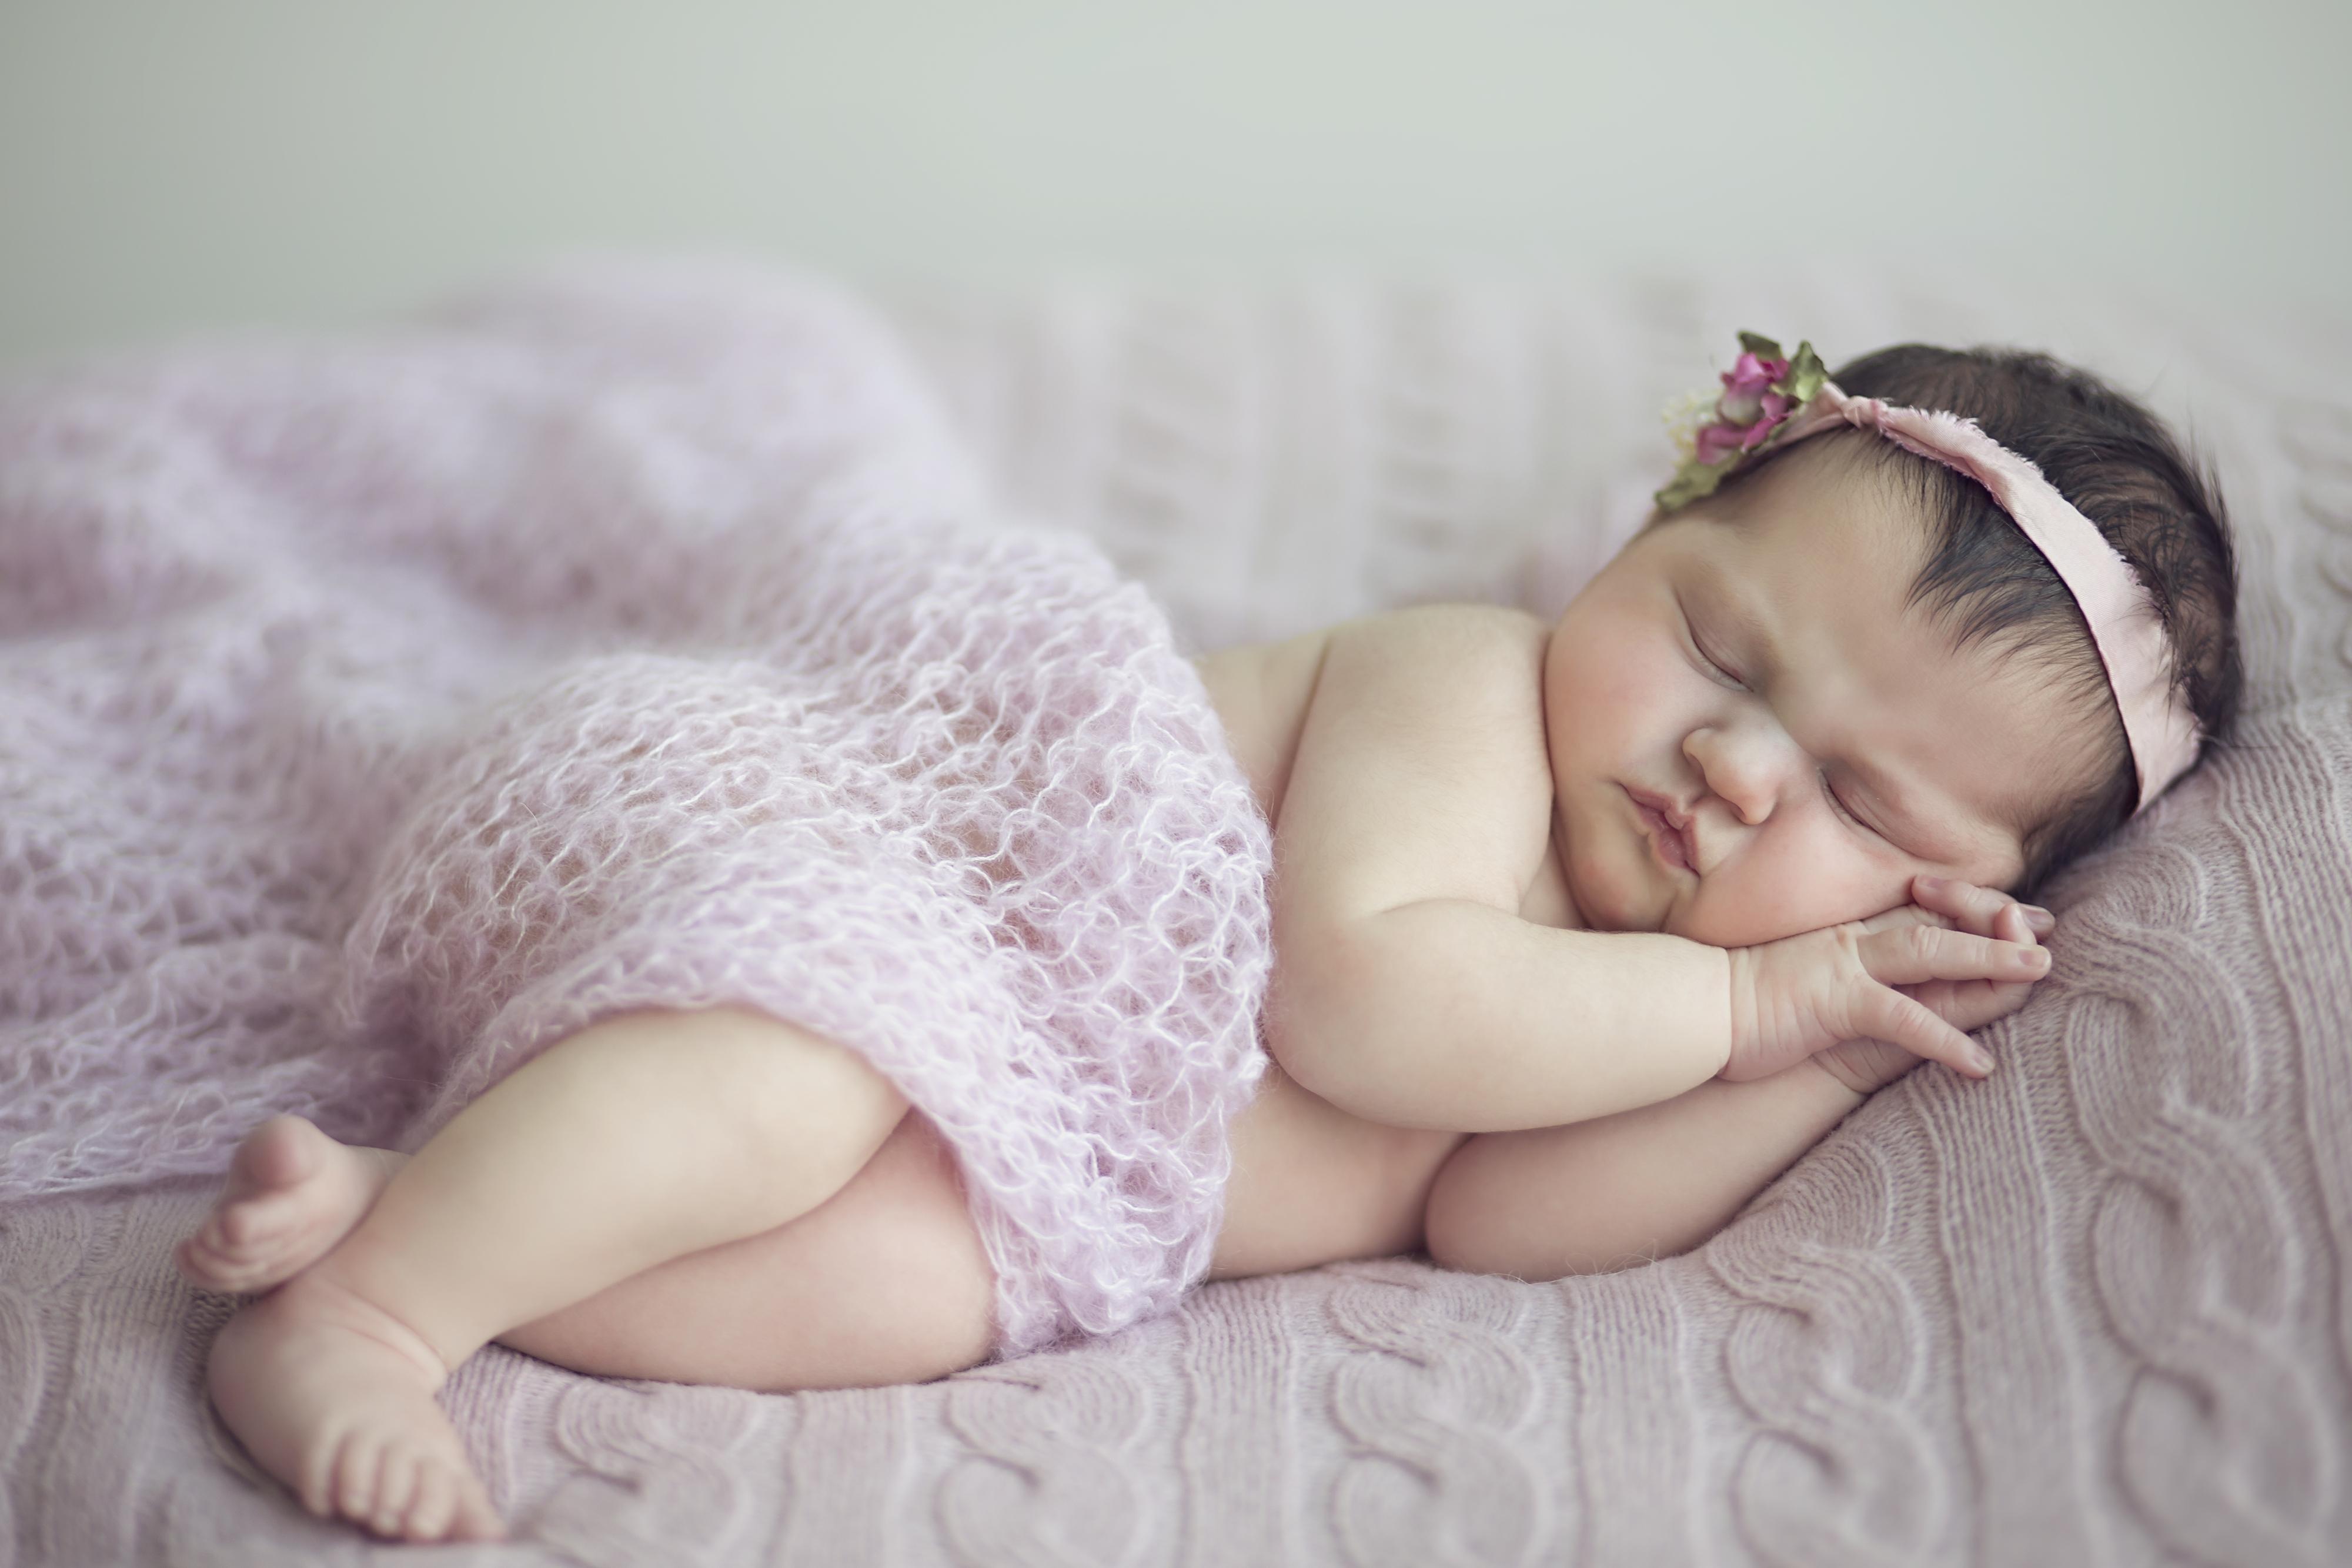 Картинки спящих малышей, надписями